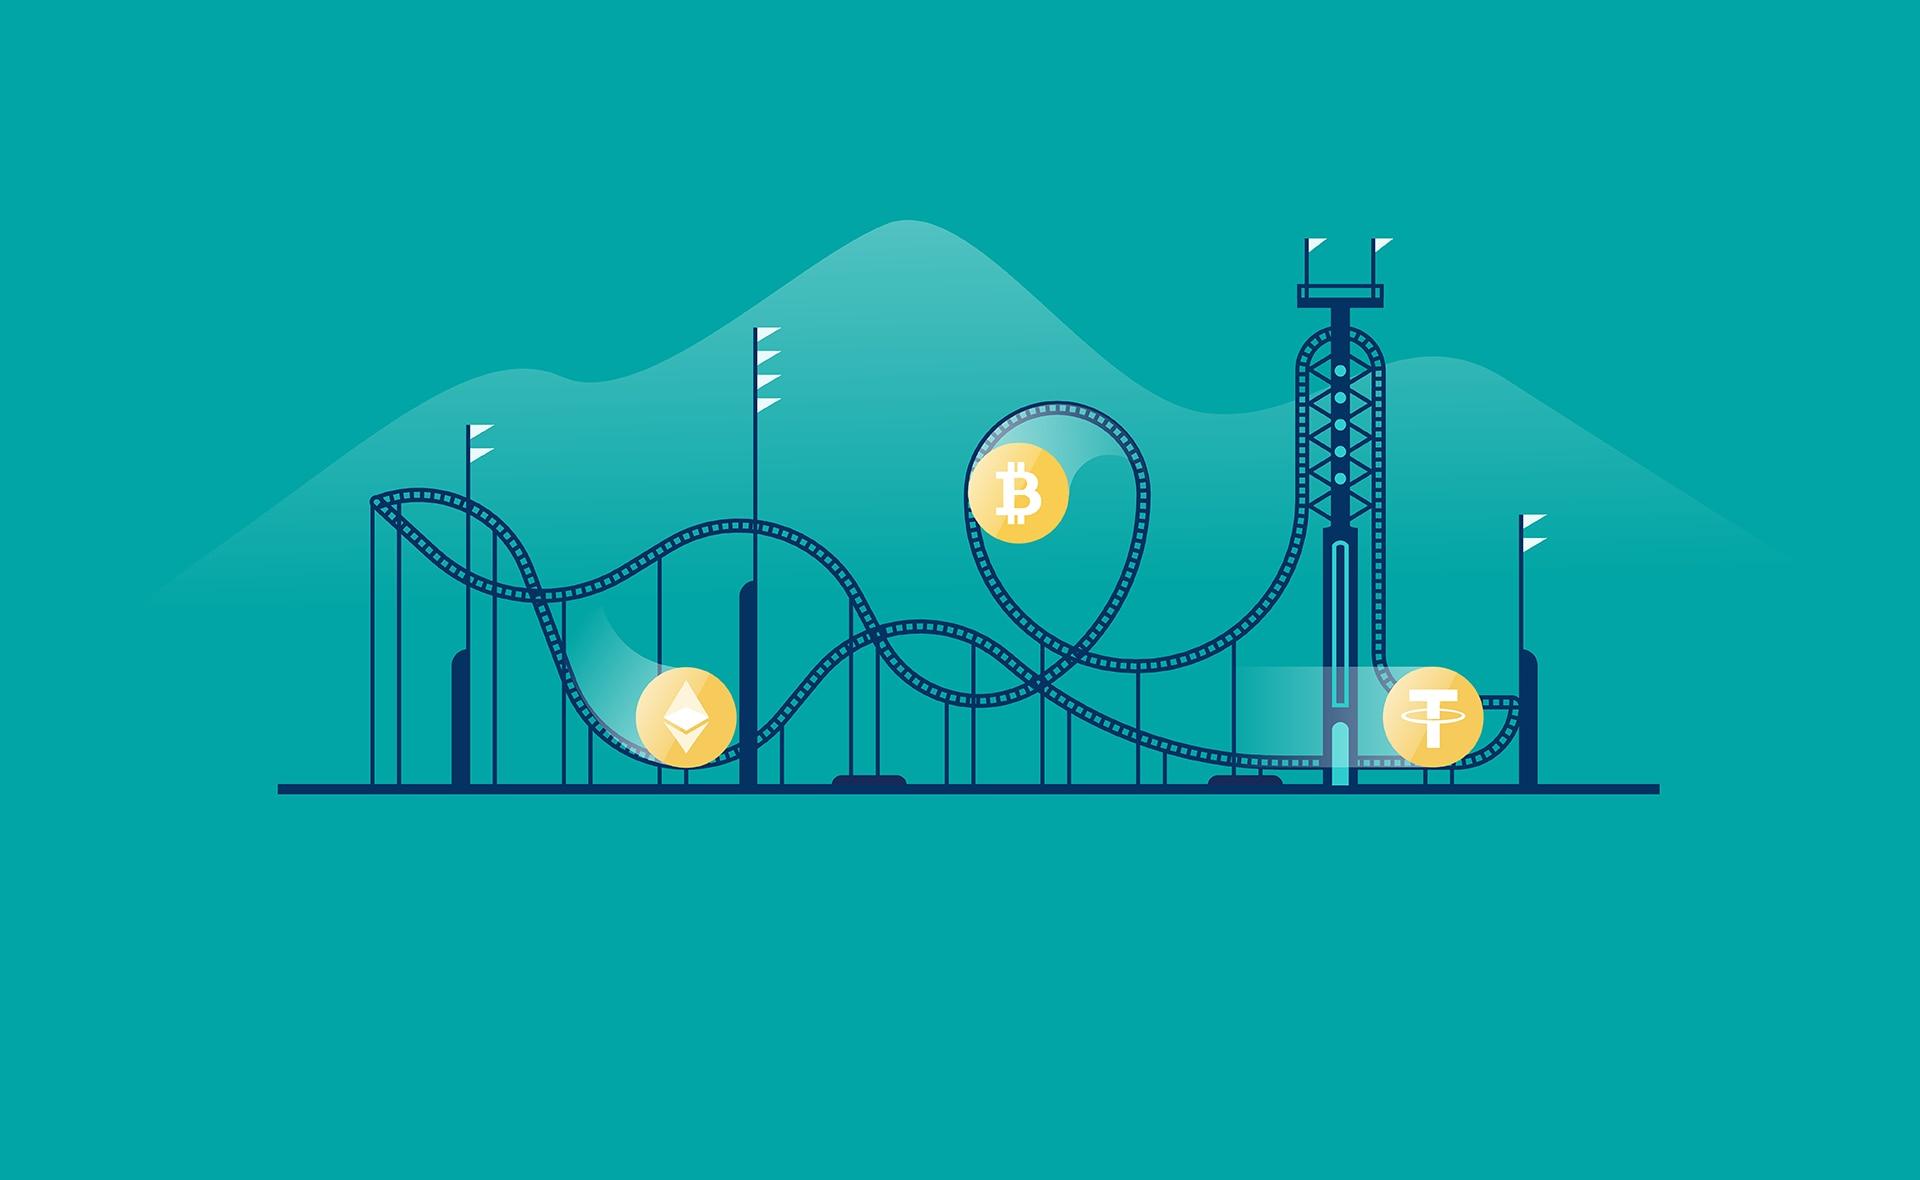 BBVA-criptomonedas-innovacion-fluctuacion-digital